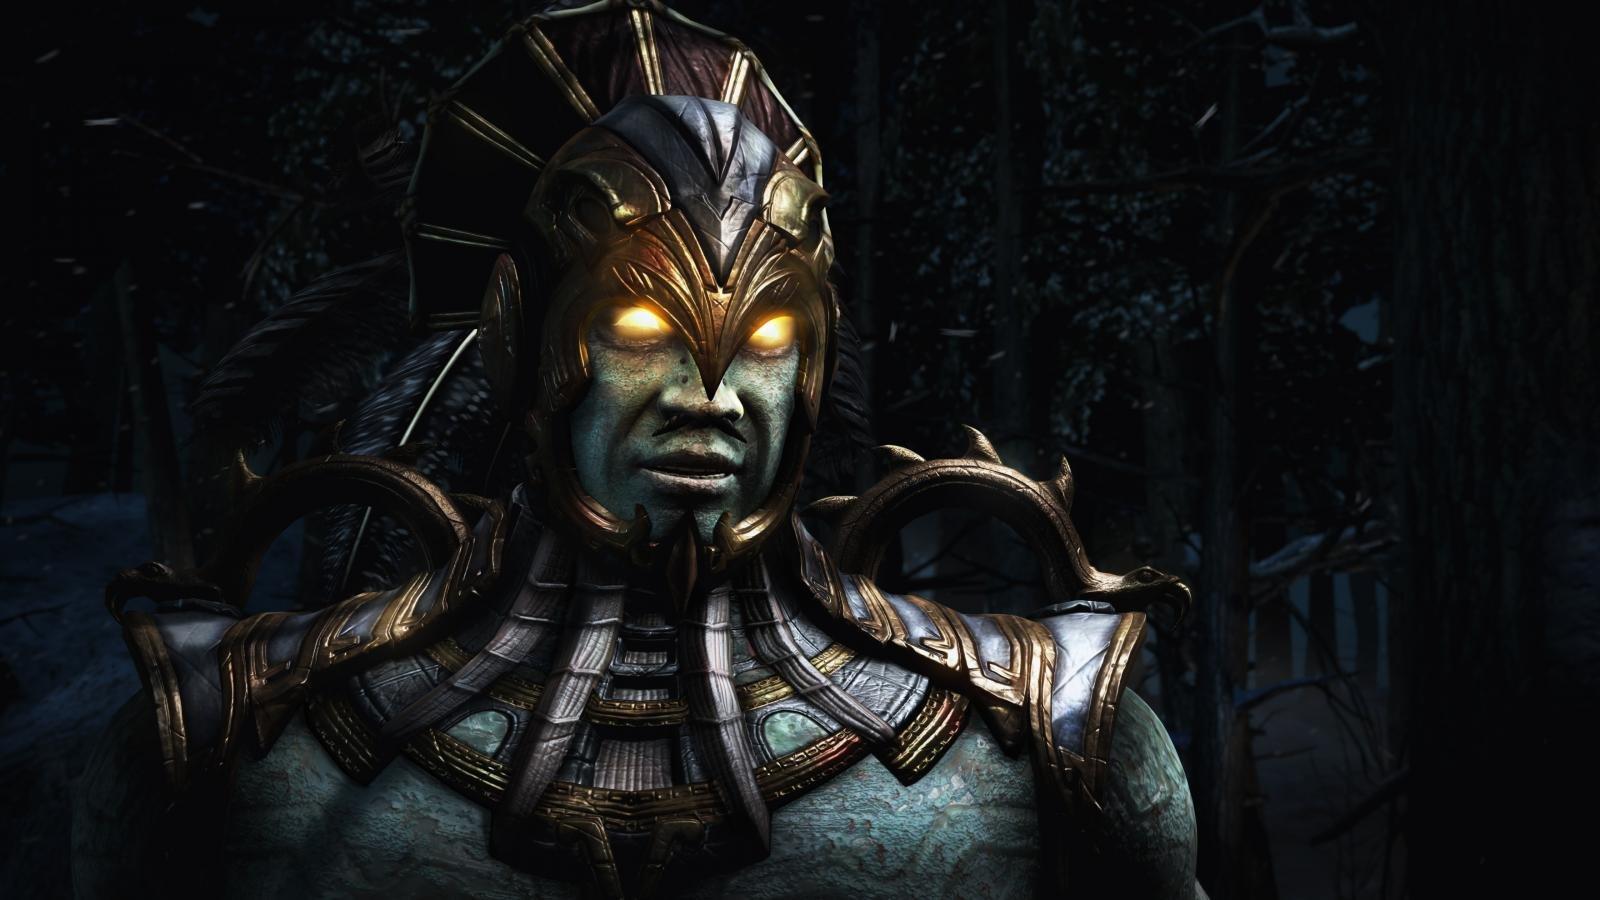 High Resolution Mortal Kombat X Hd 1600x900 Wallpaper Id